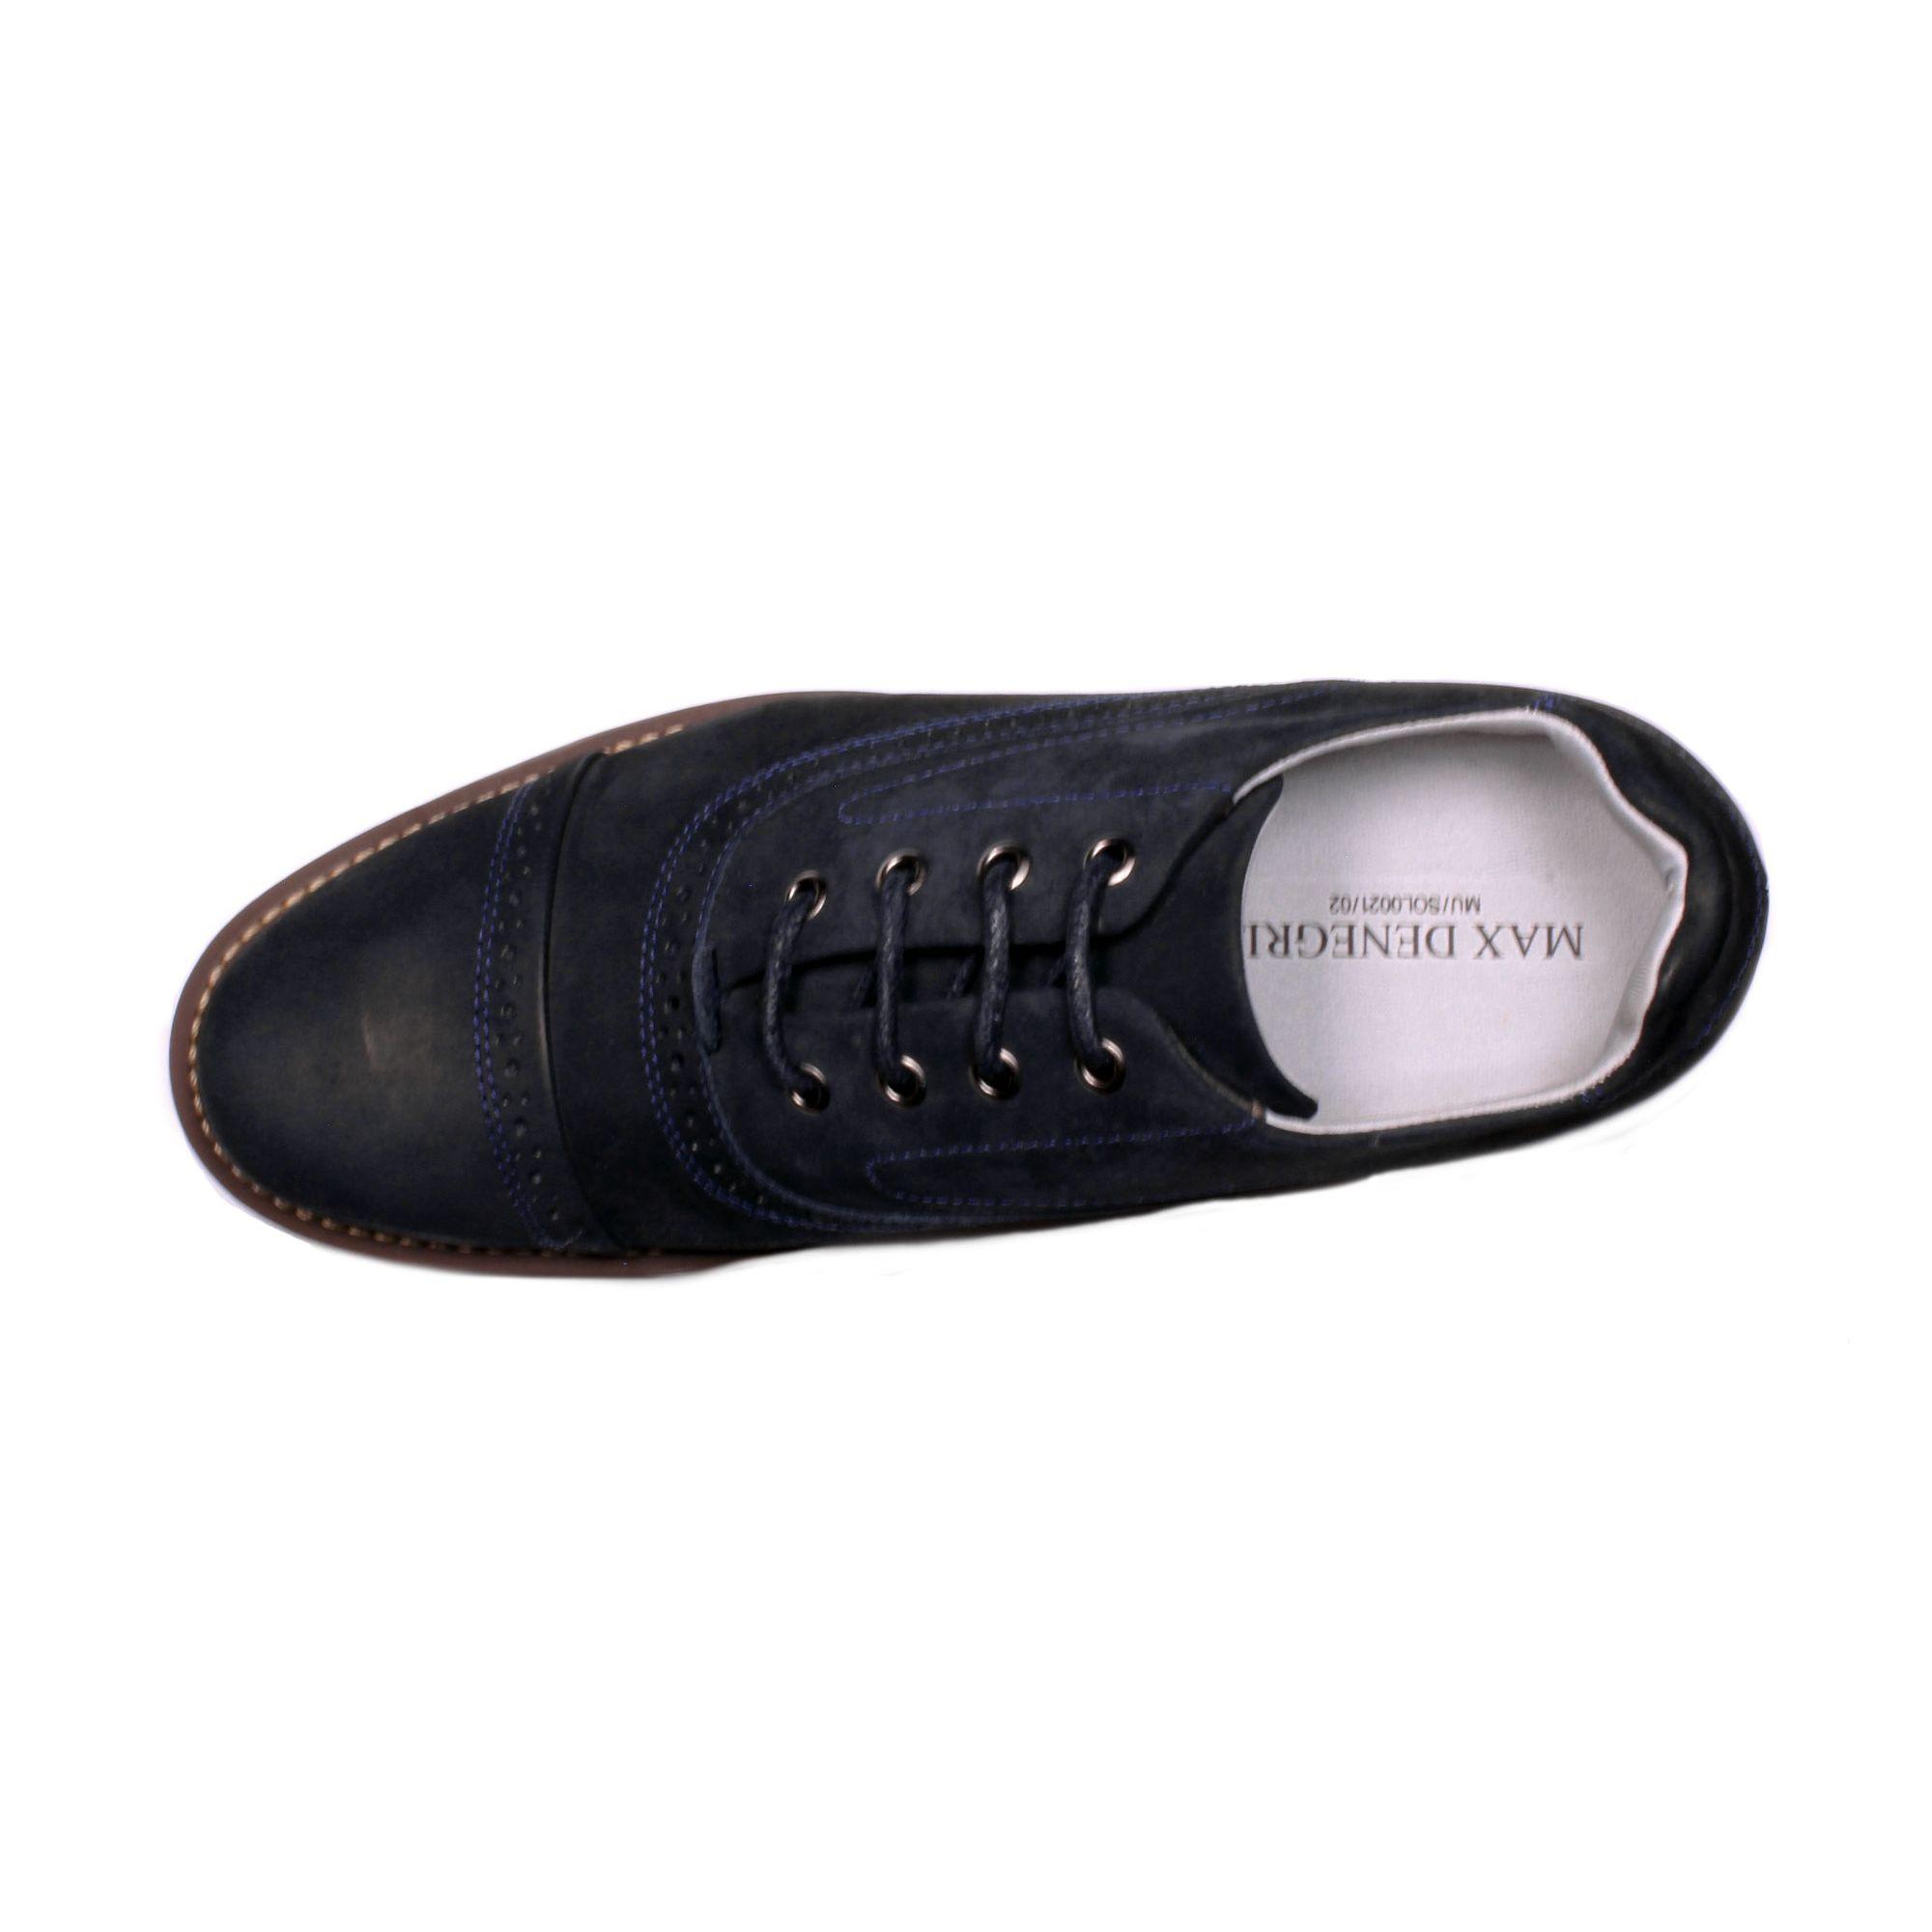 Zapato Casual Casino Azul Max Denegri +7cms de Altura_70948